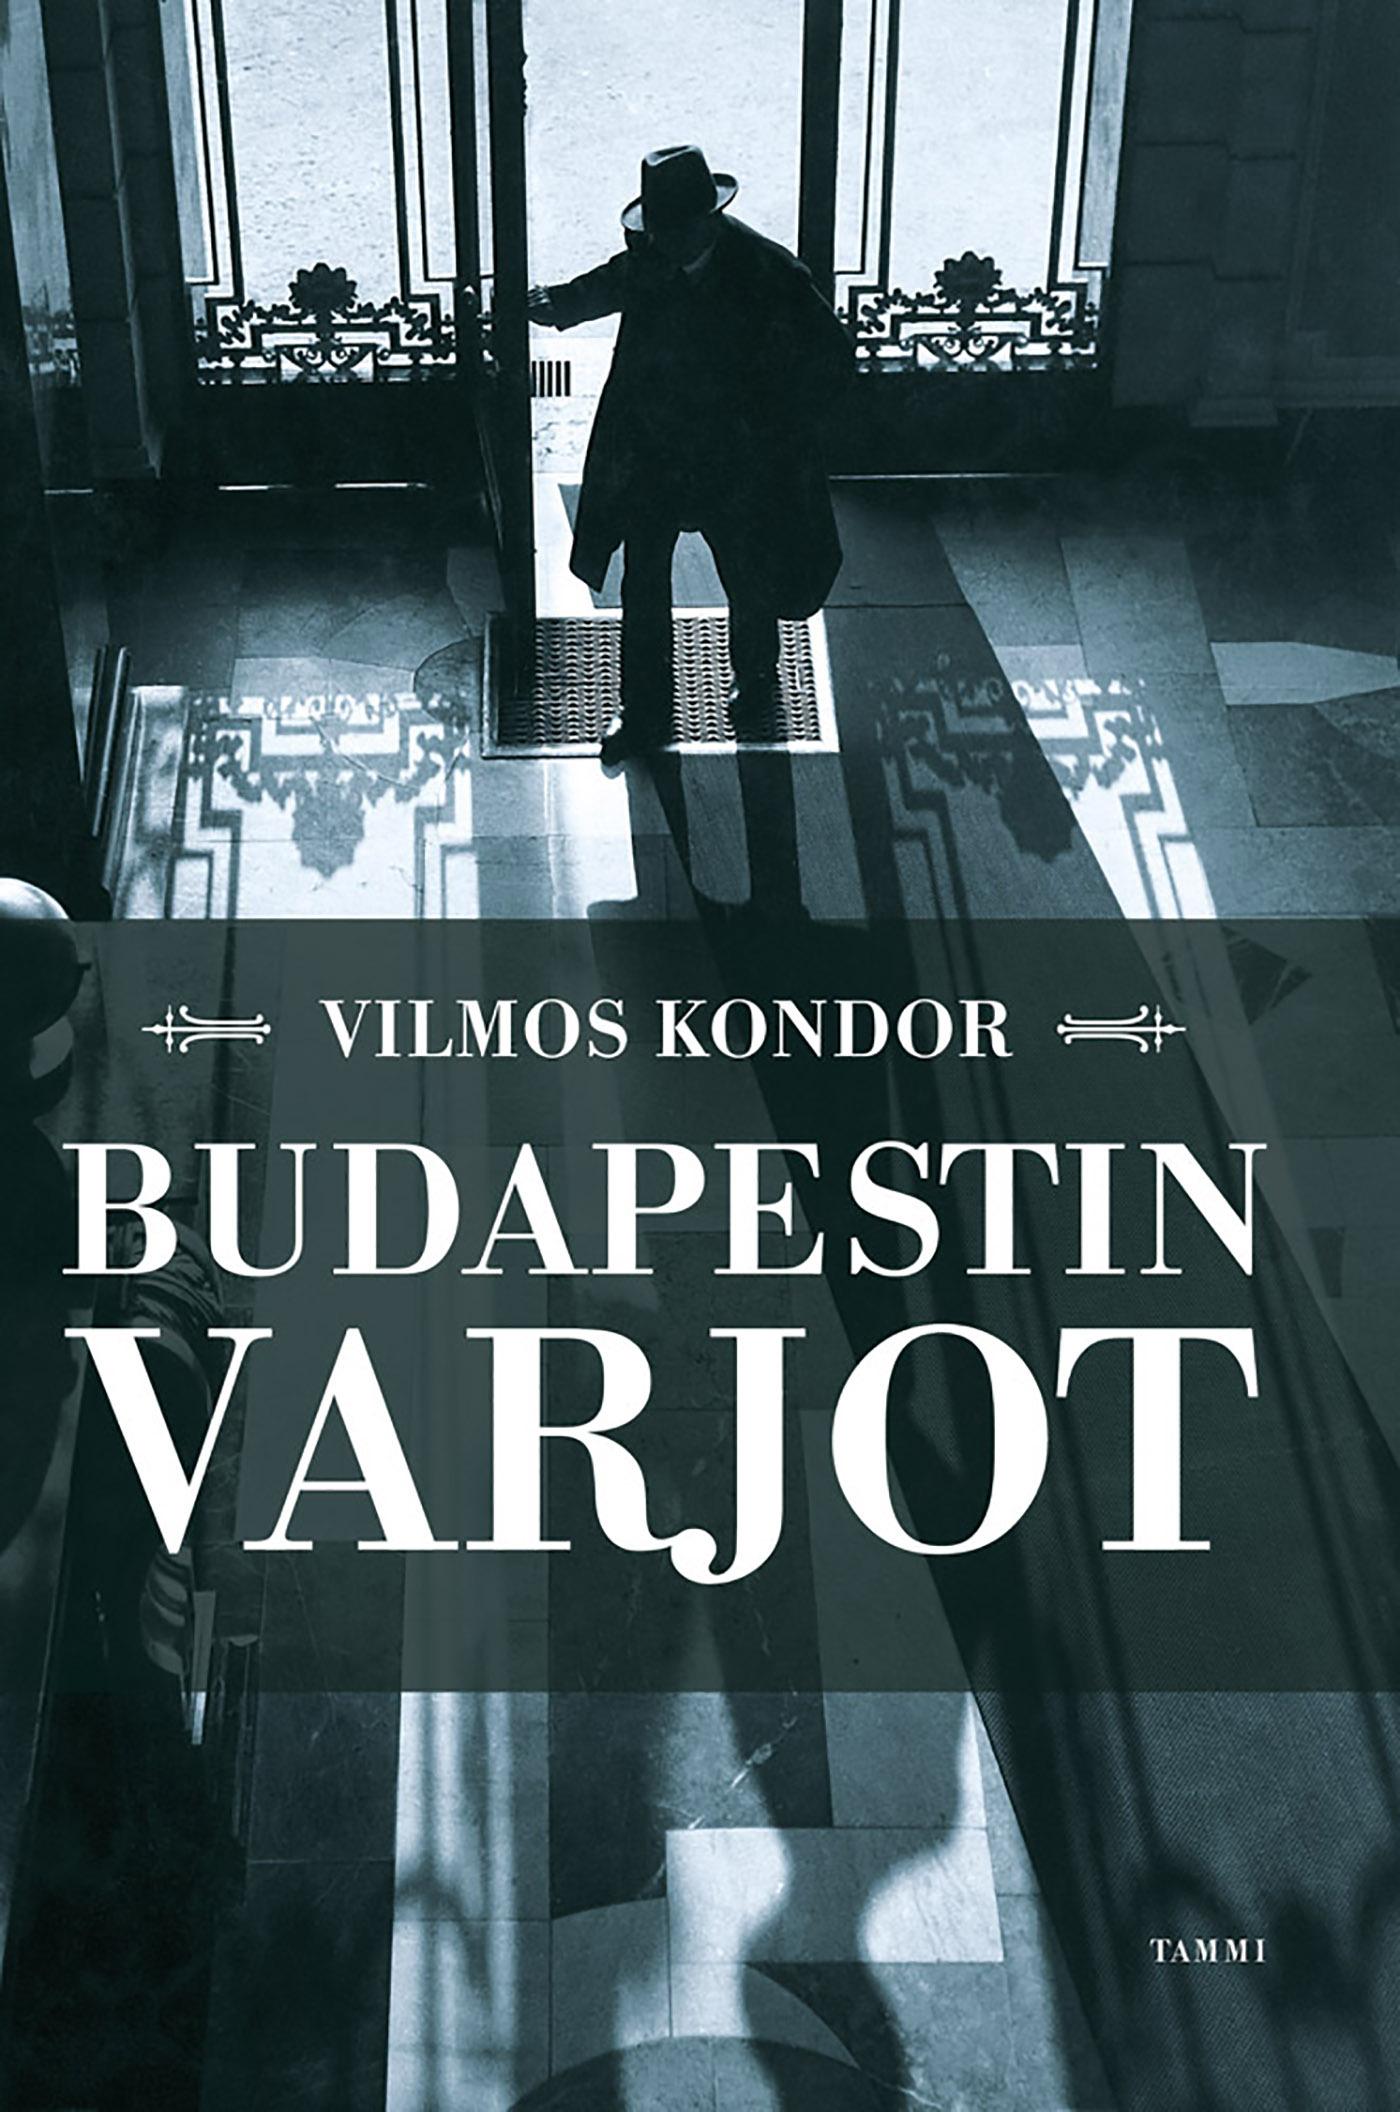 Kondor, Vilmos - Budapestin varjot, e-kirja